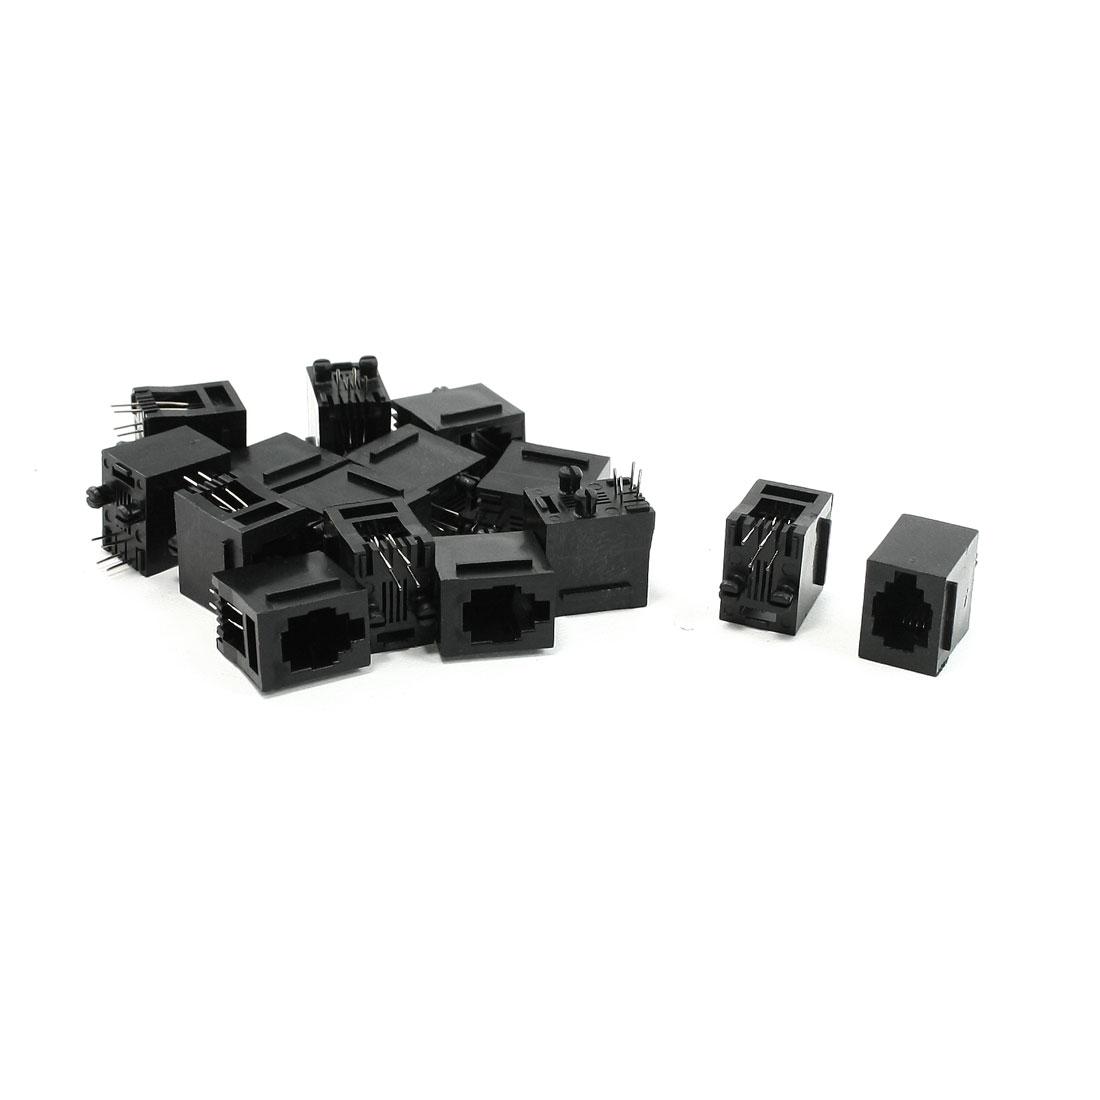 PCB Vertical Mounting RJ9 RJ10 RJ22 4P4C Telephone Handset Jacks Sockets 15 Pcs